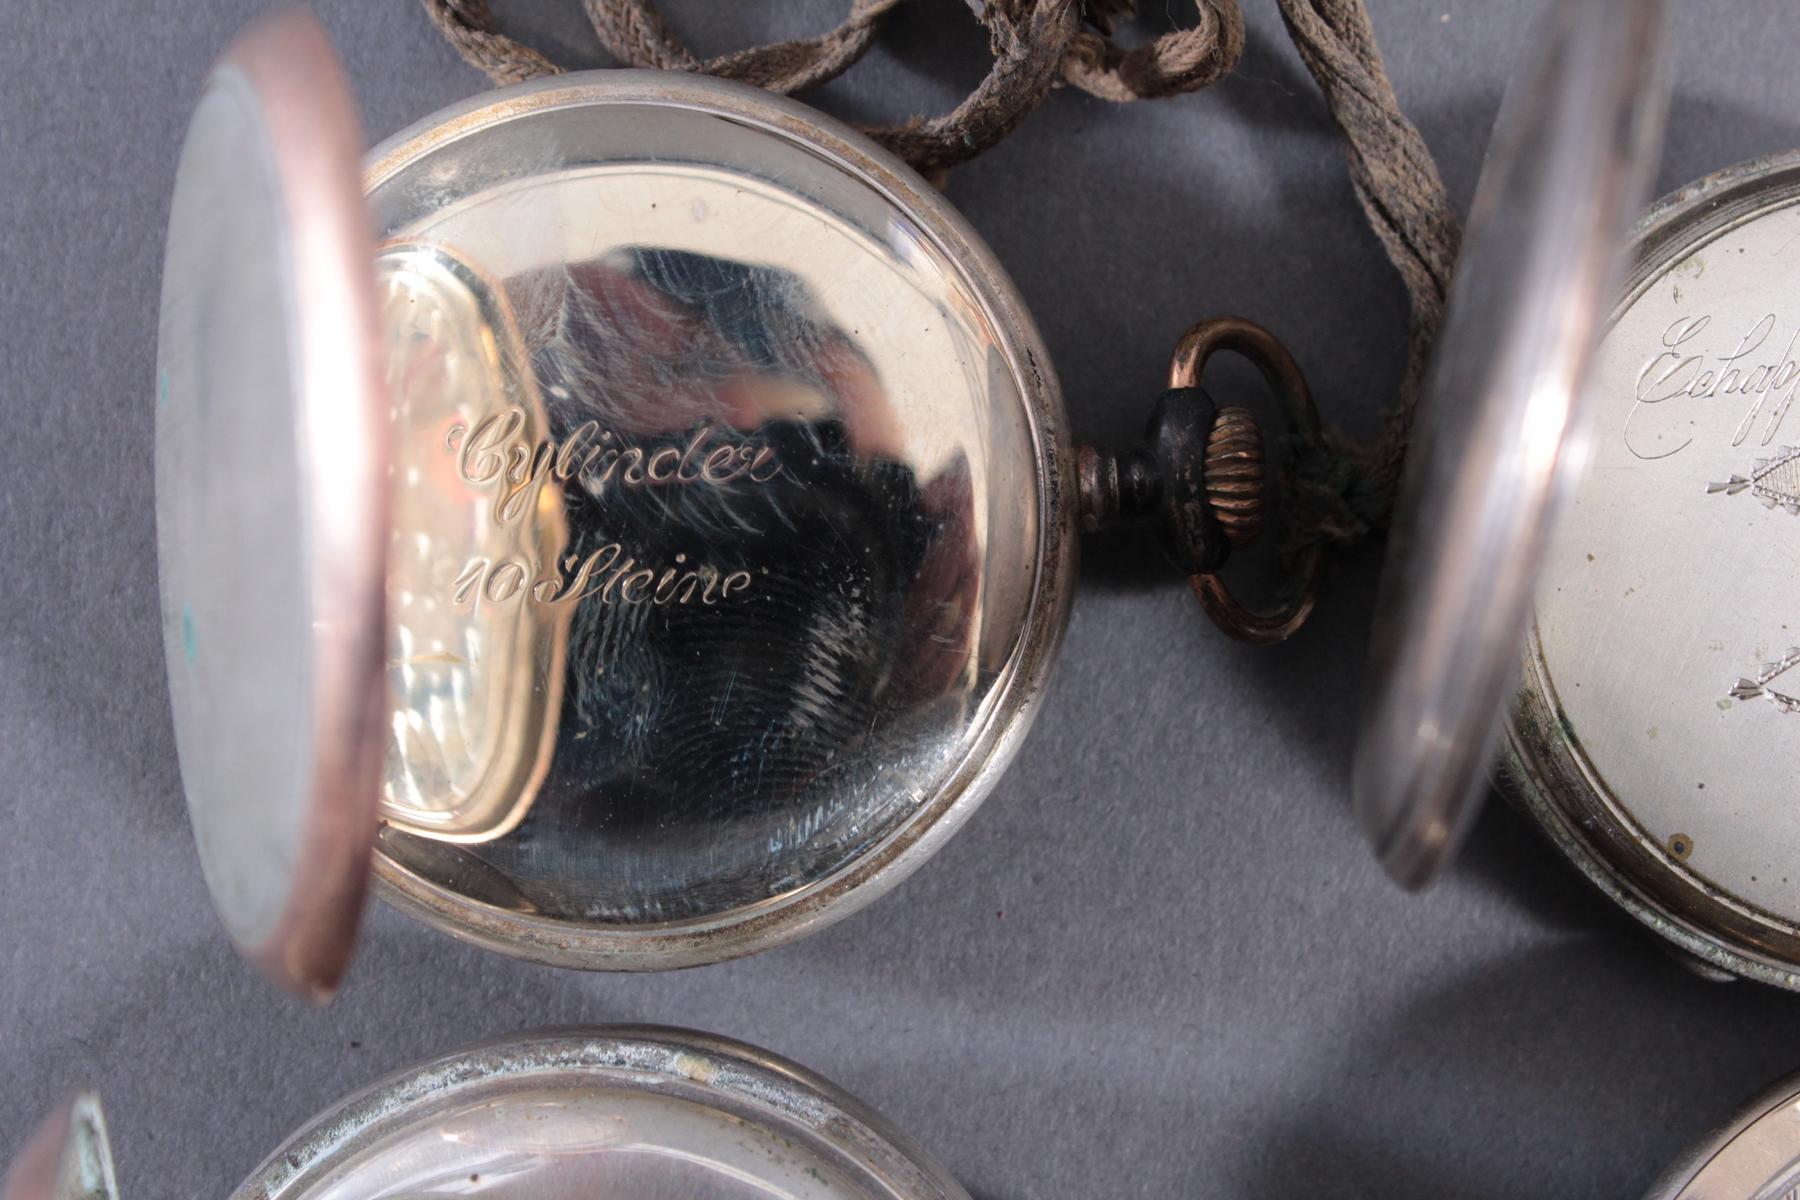 4 Taschenuhren davon 1 aus Silber-7